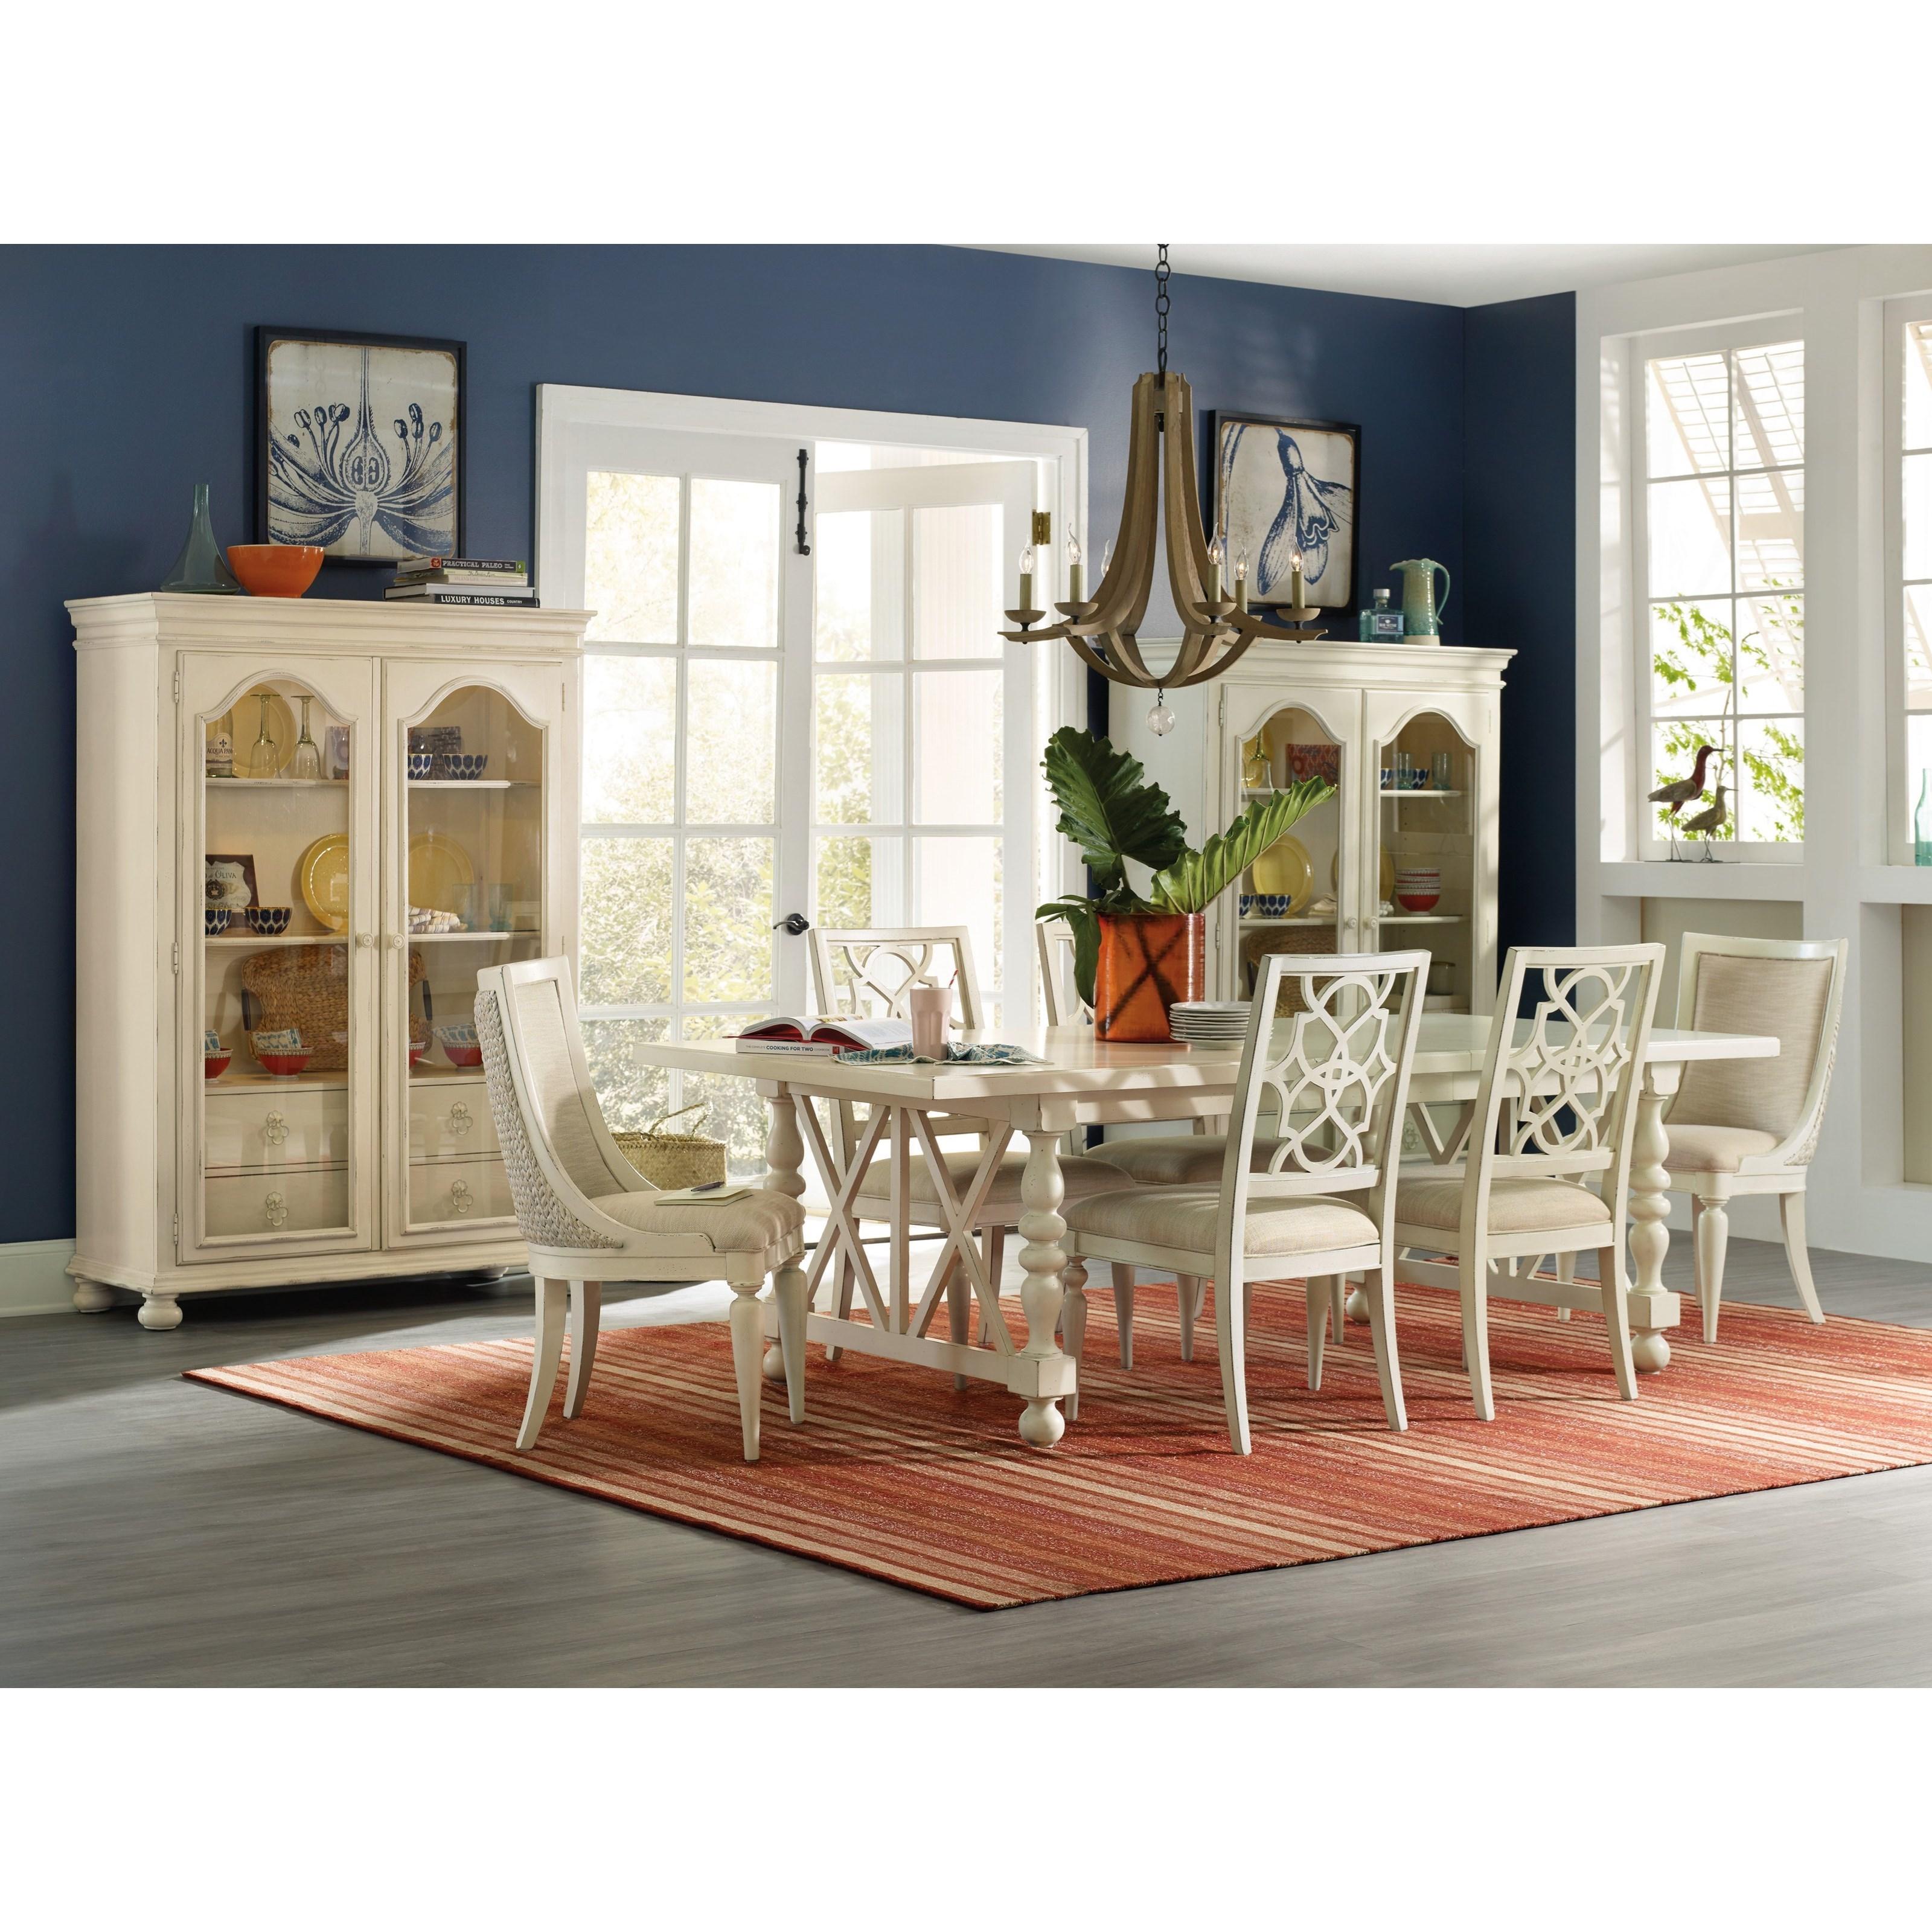 ... Hooker Furniture SandcastleSeagrass Slipper Chair ...  sc 1 st  Knight Furniture & Hooker Furniture Sandcastle Slipper Chair with Woven Seagrass Back ...